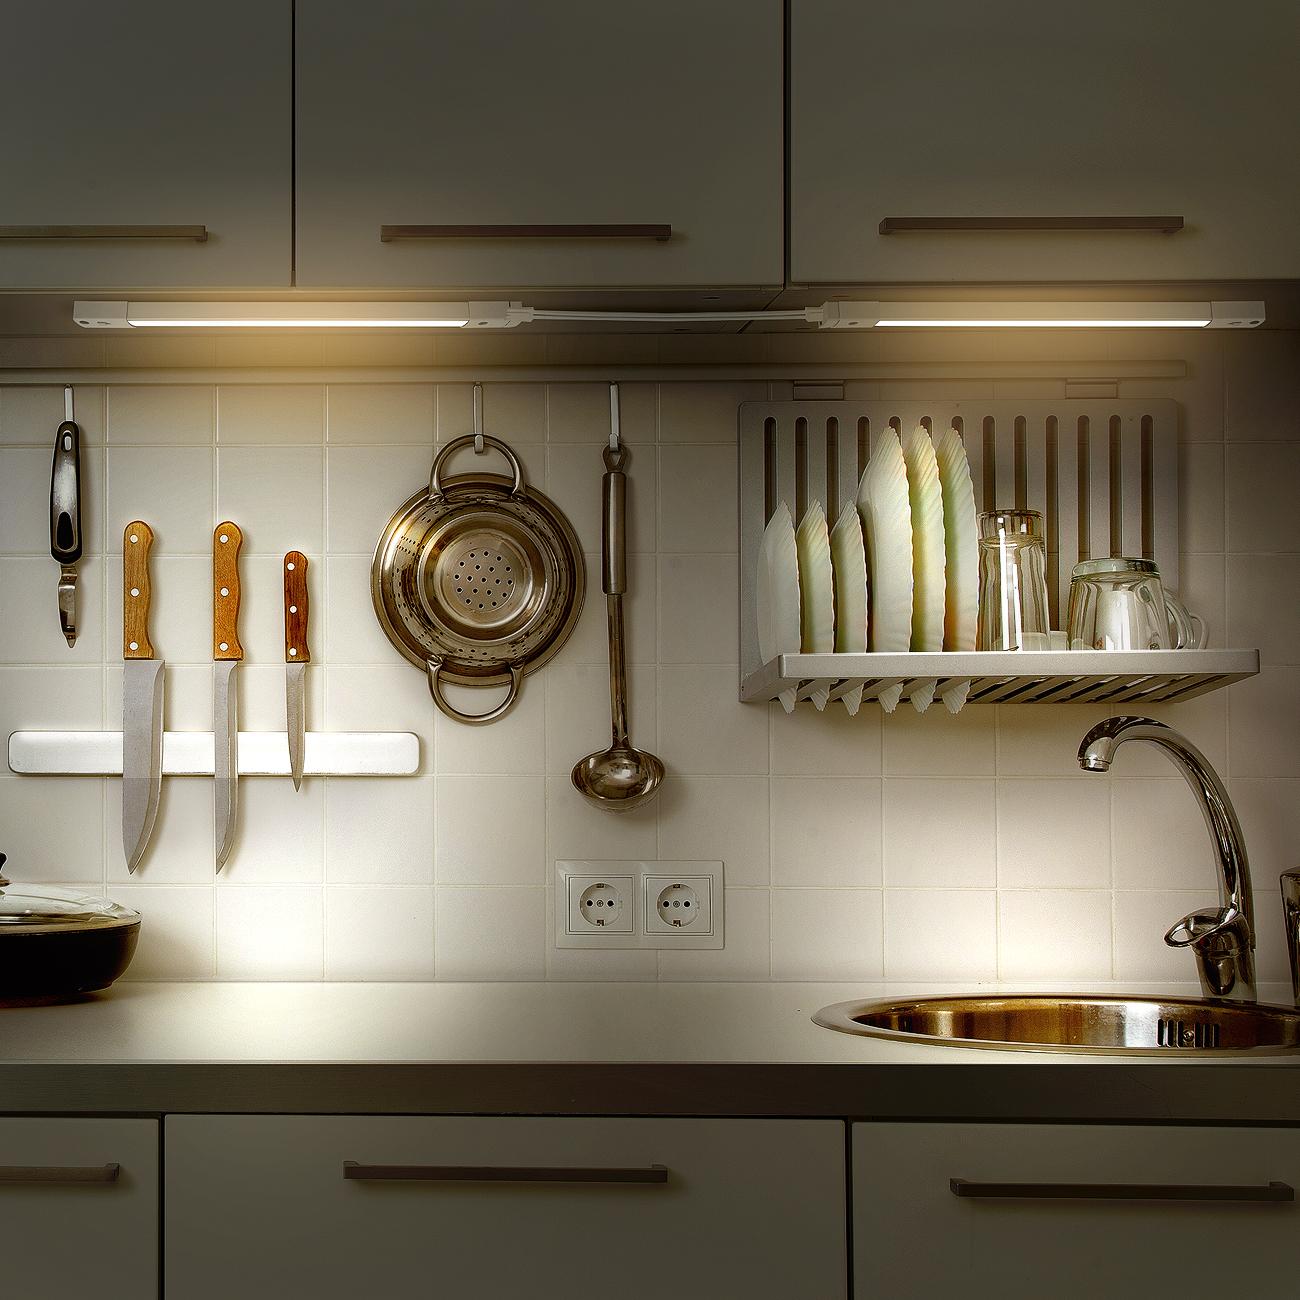 led concepts under cabinet light bar 3 dimming levels ultra slim linkable plug in led light great for kitchen closet vanity bathroom task